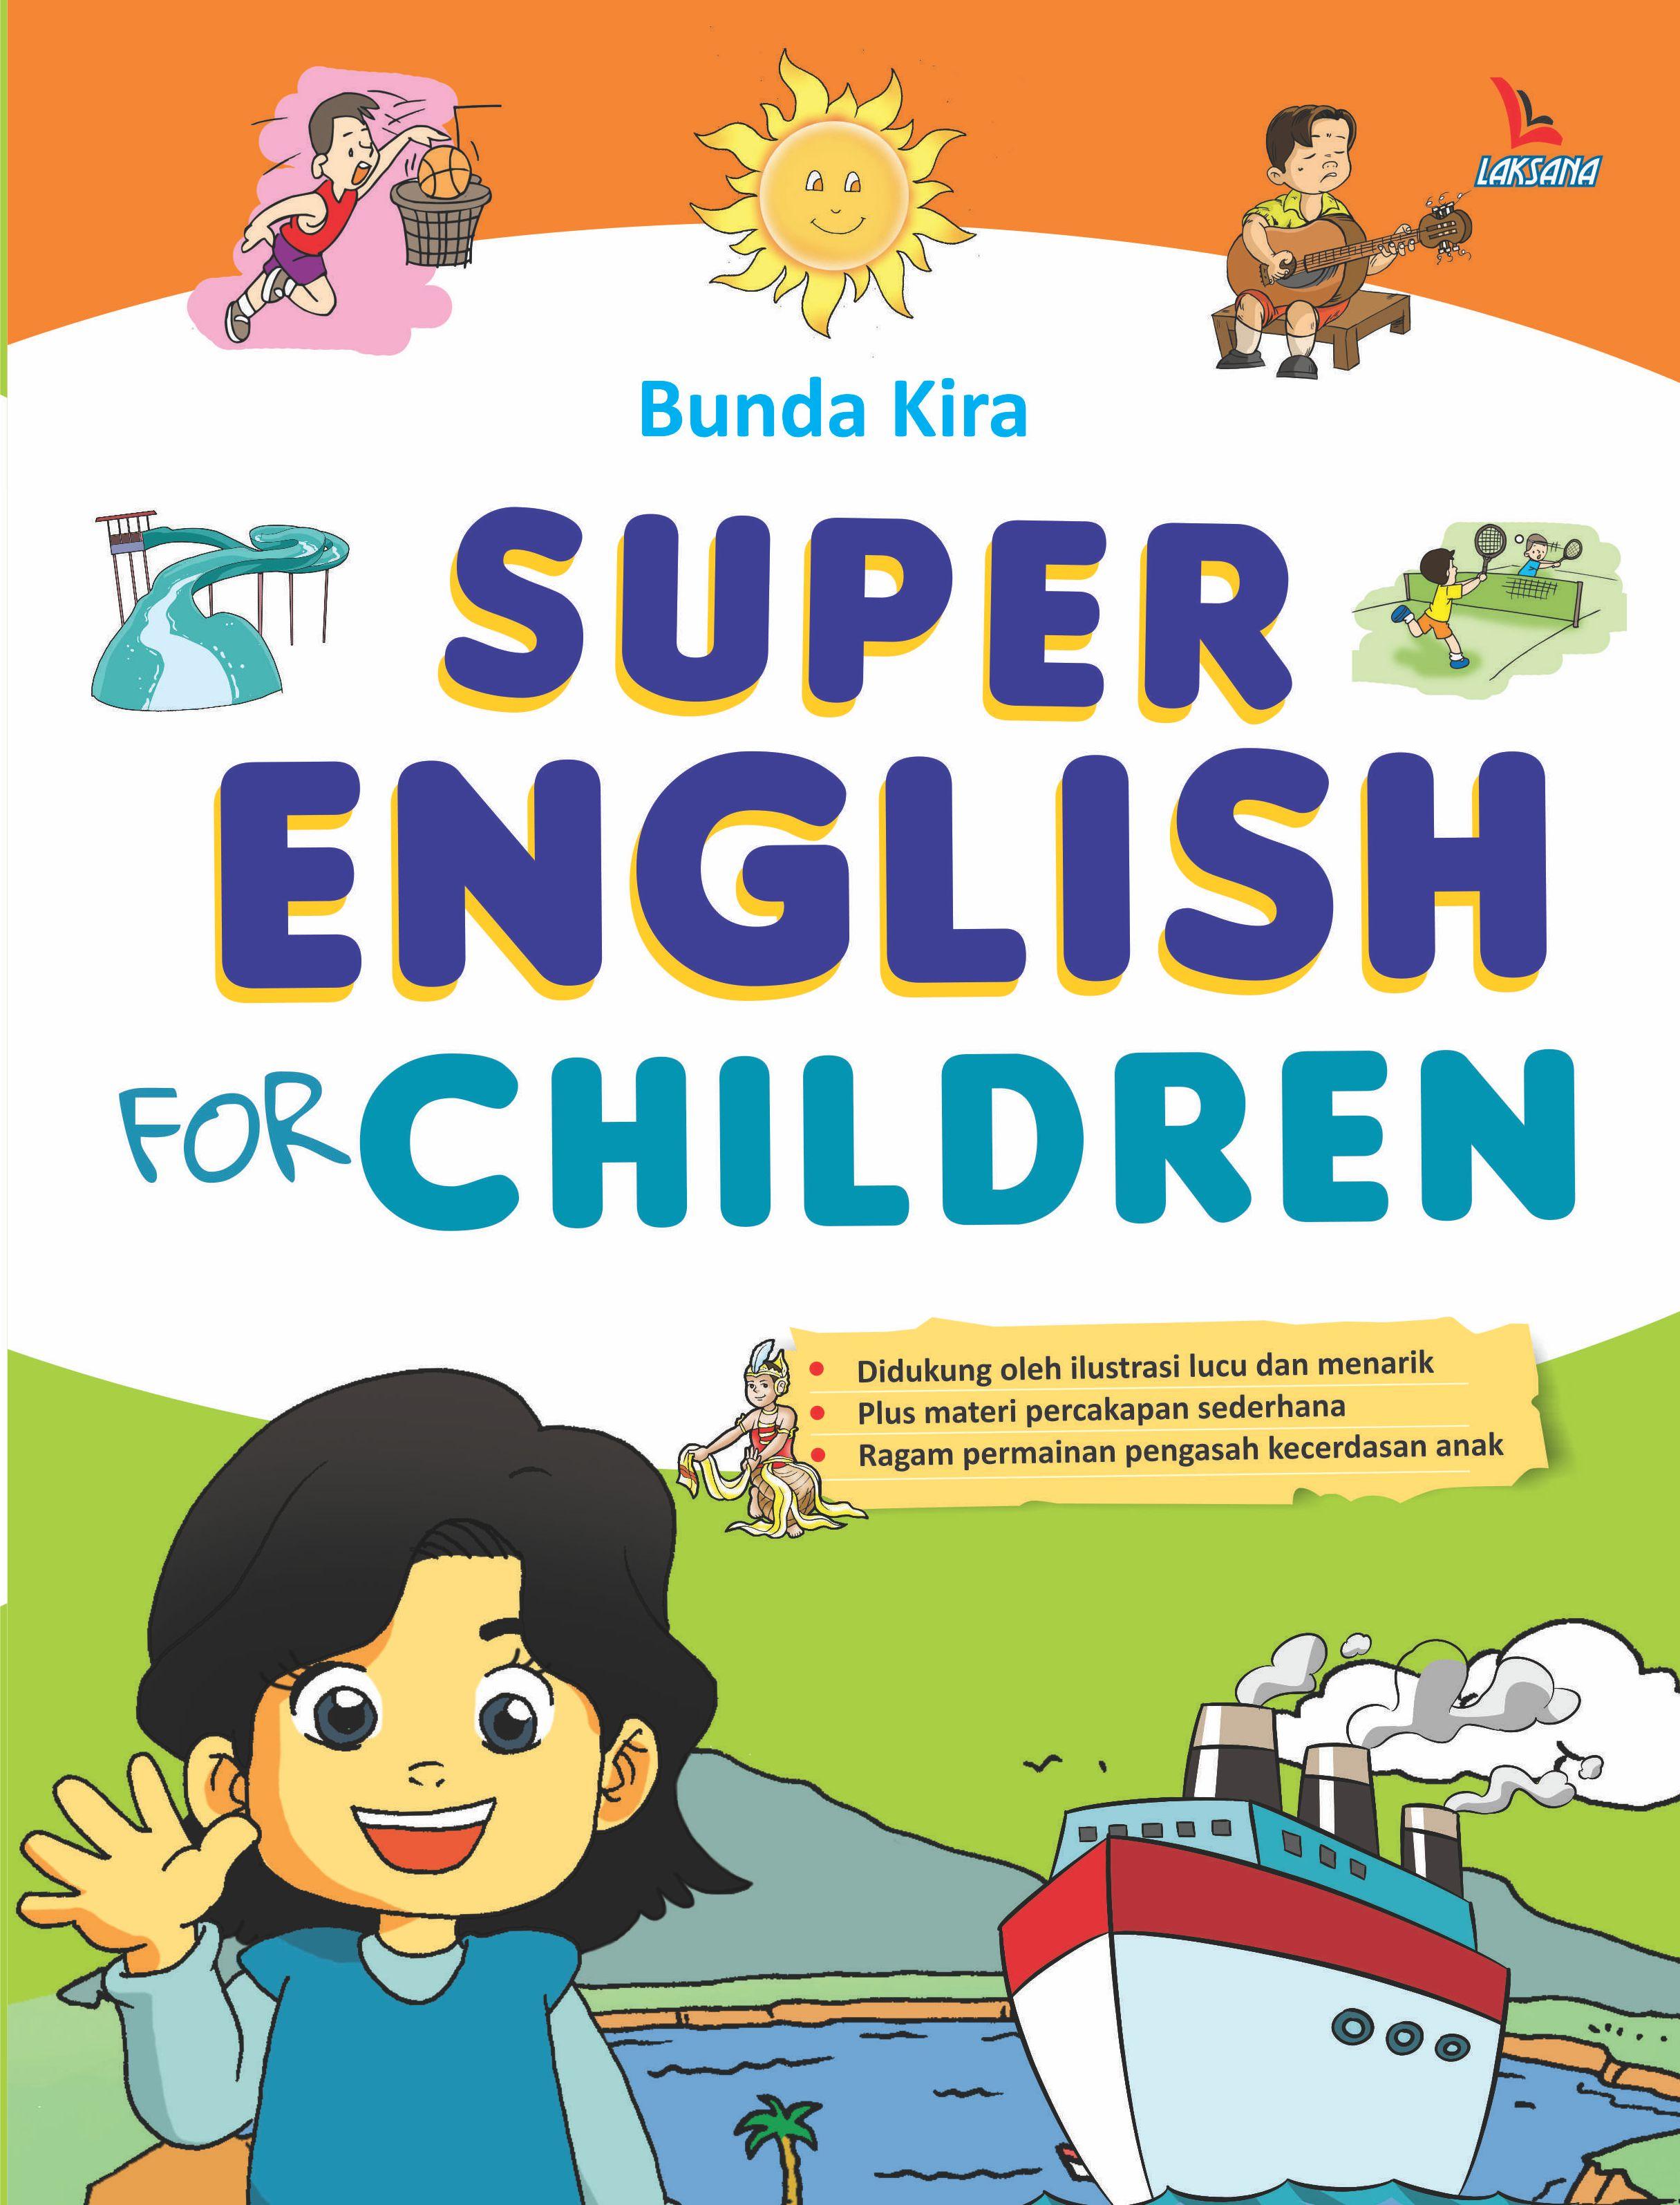 Super english for children [sumber elektronis]